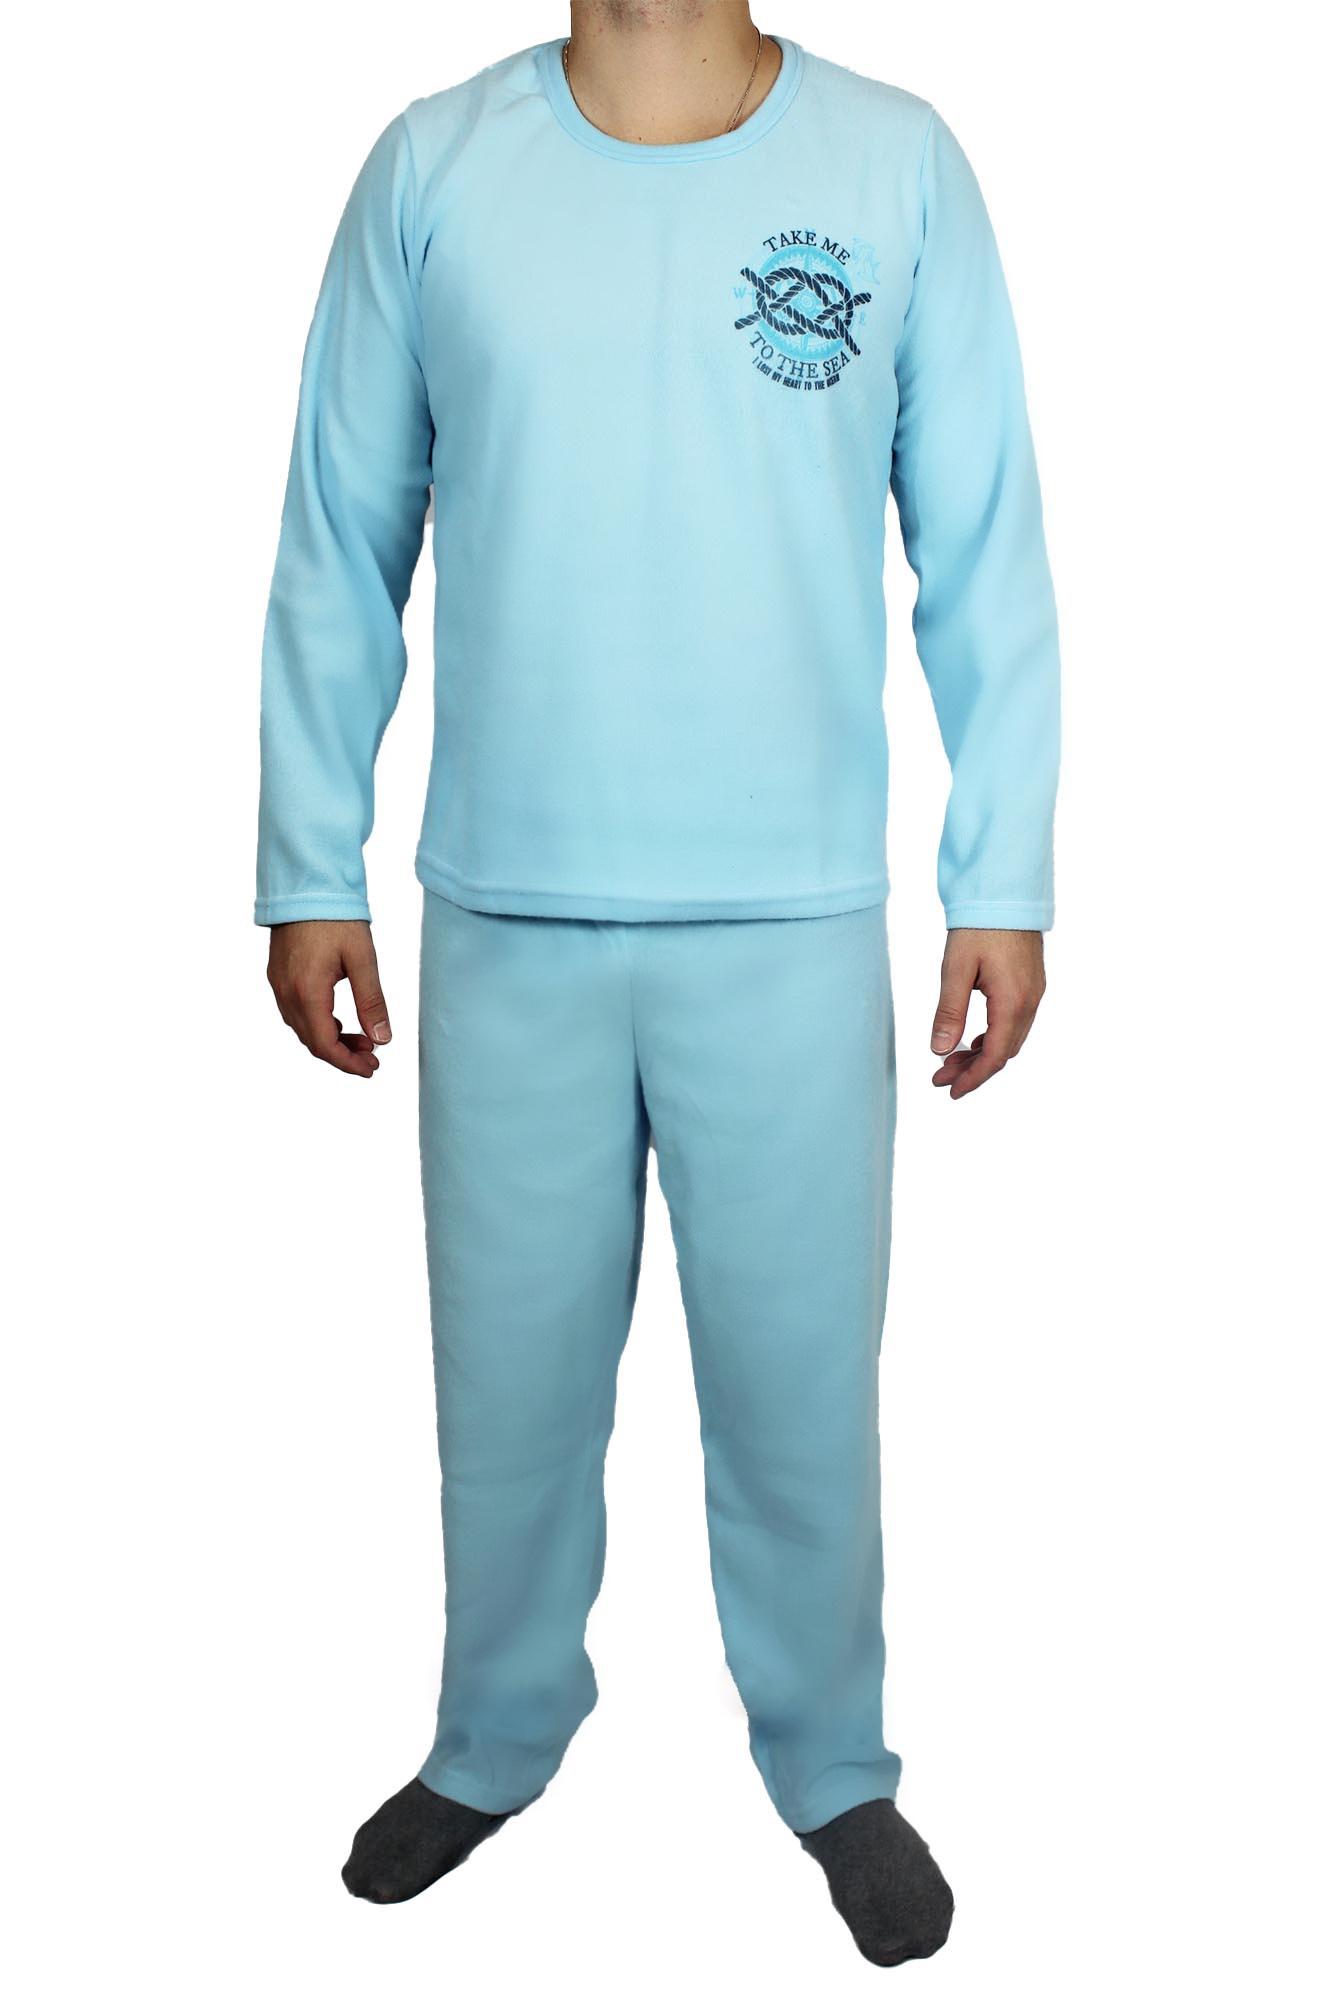 Pijama de Soft Masculino - Tamanho M e G